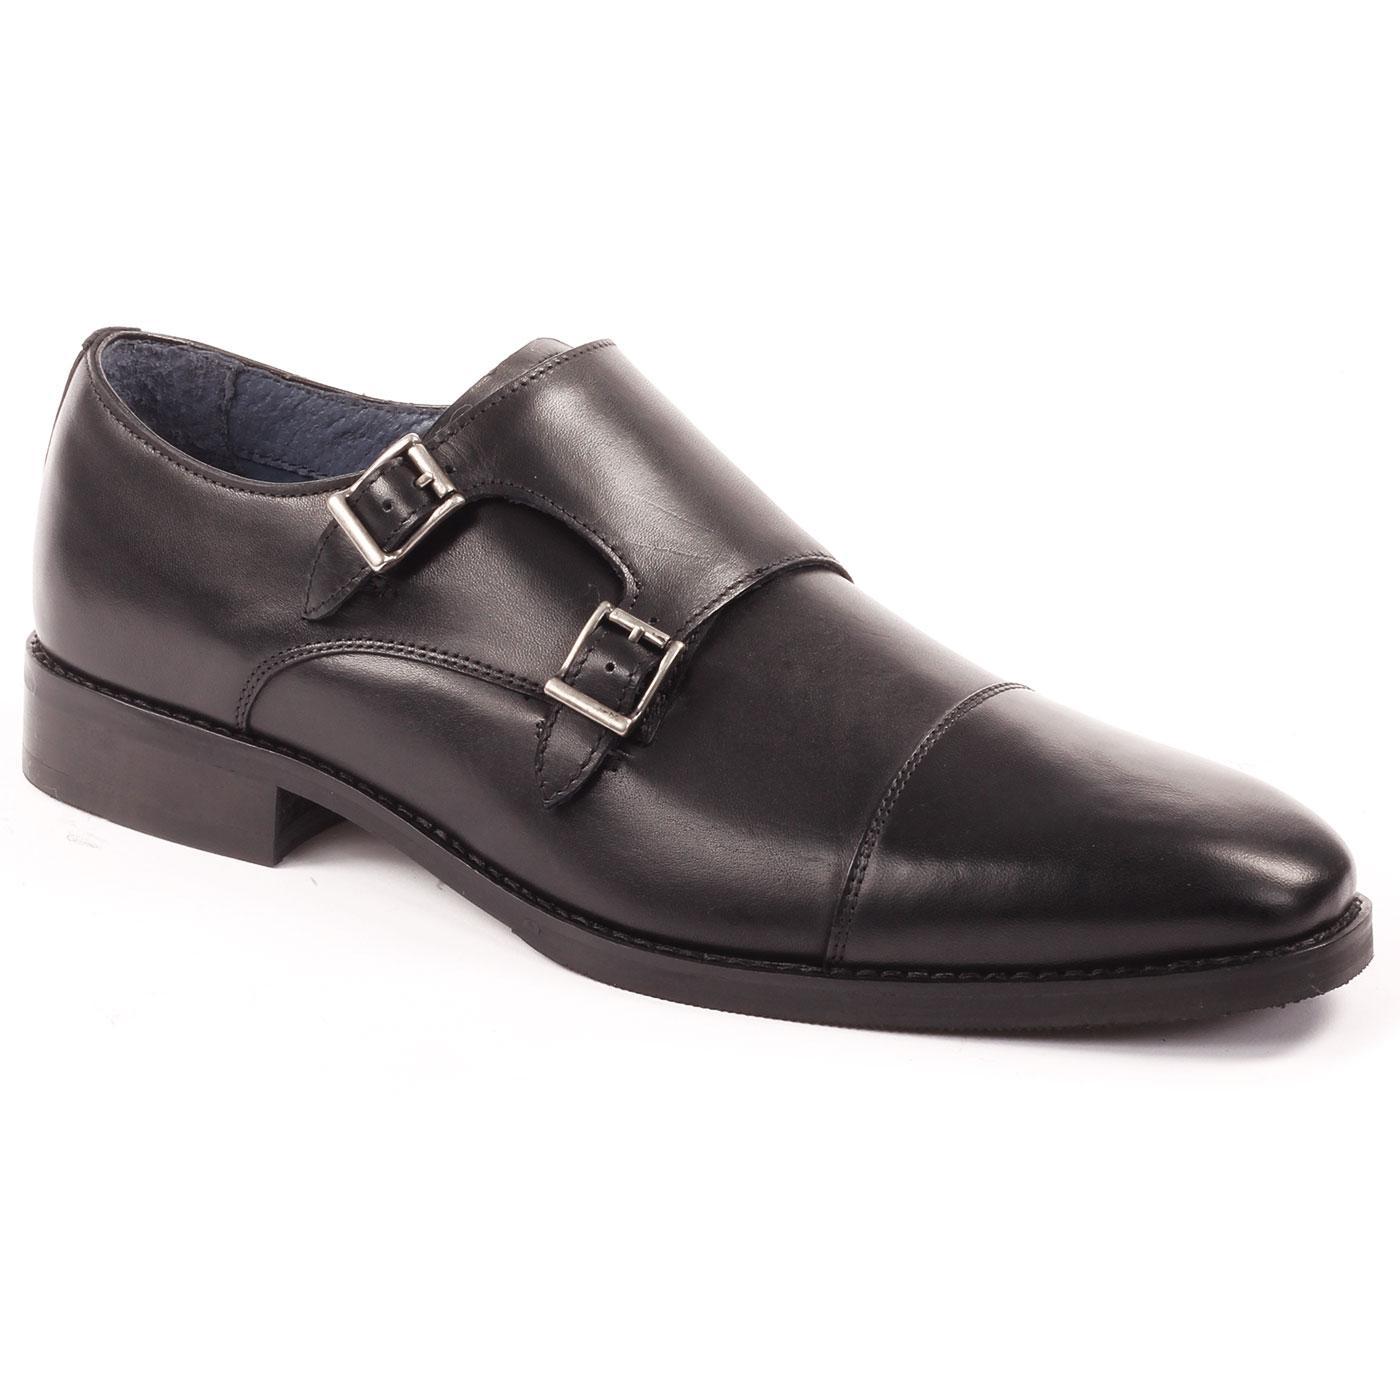 Ellington PAOLO VANDINI Mod Leather Monk Shoes